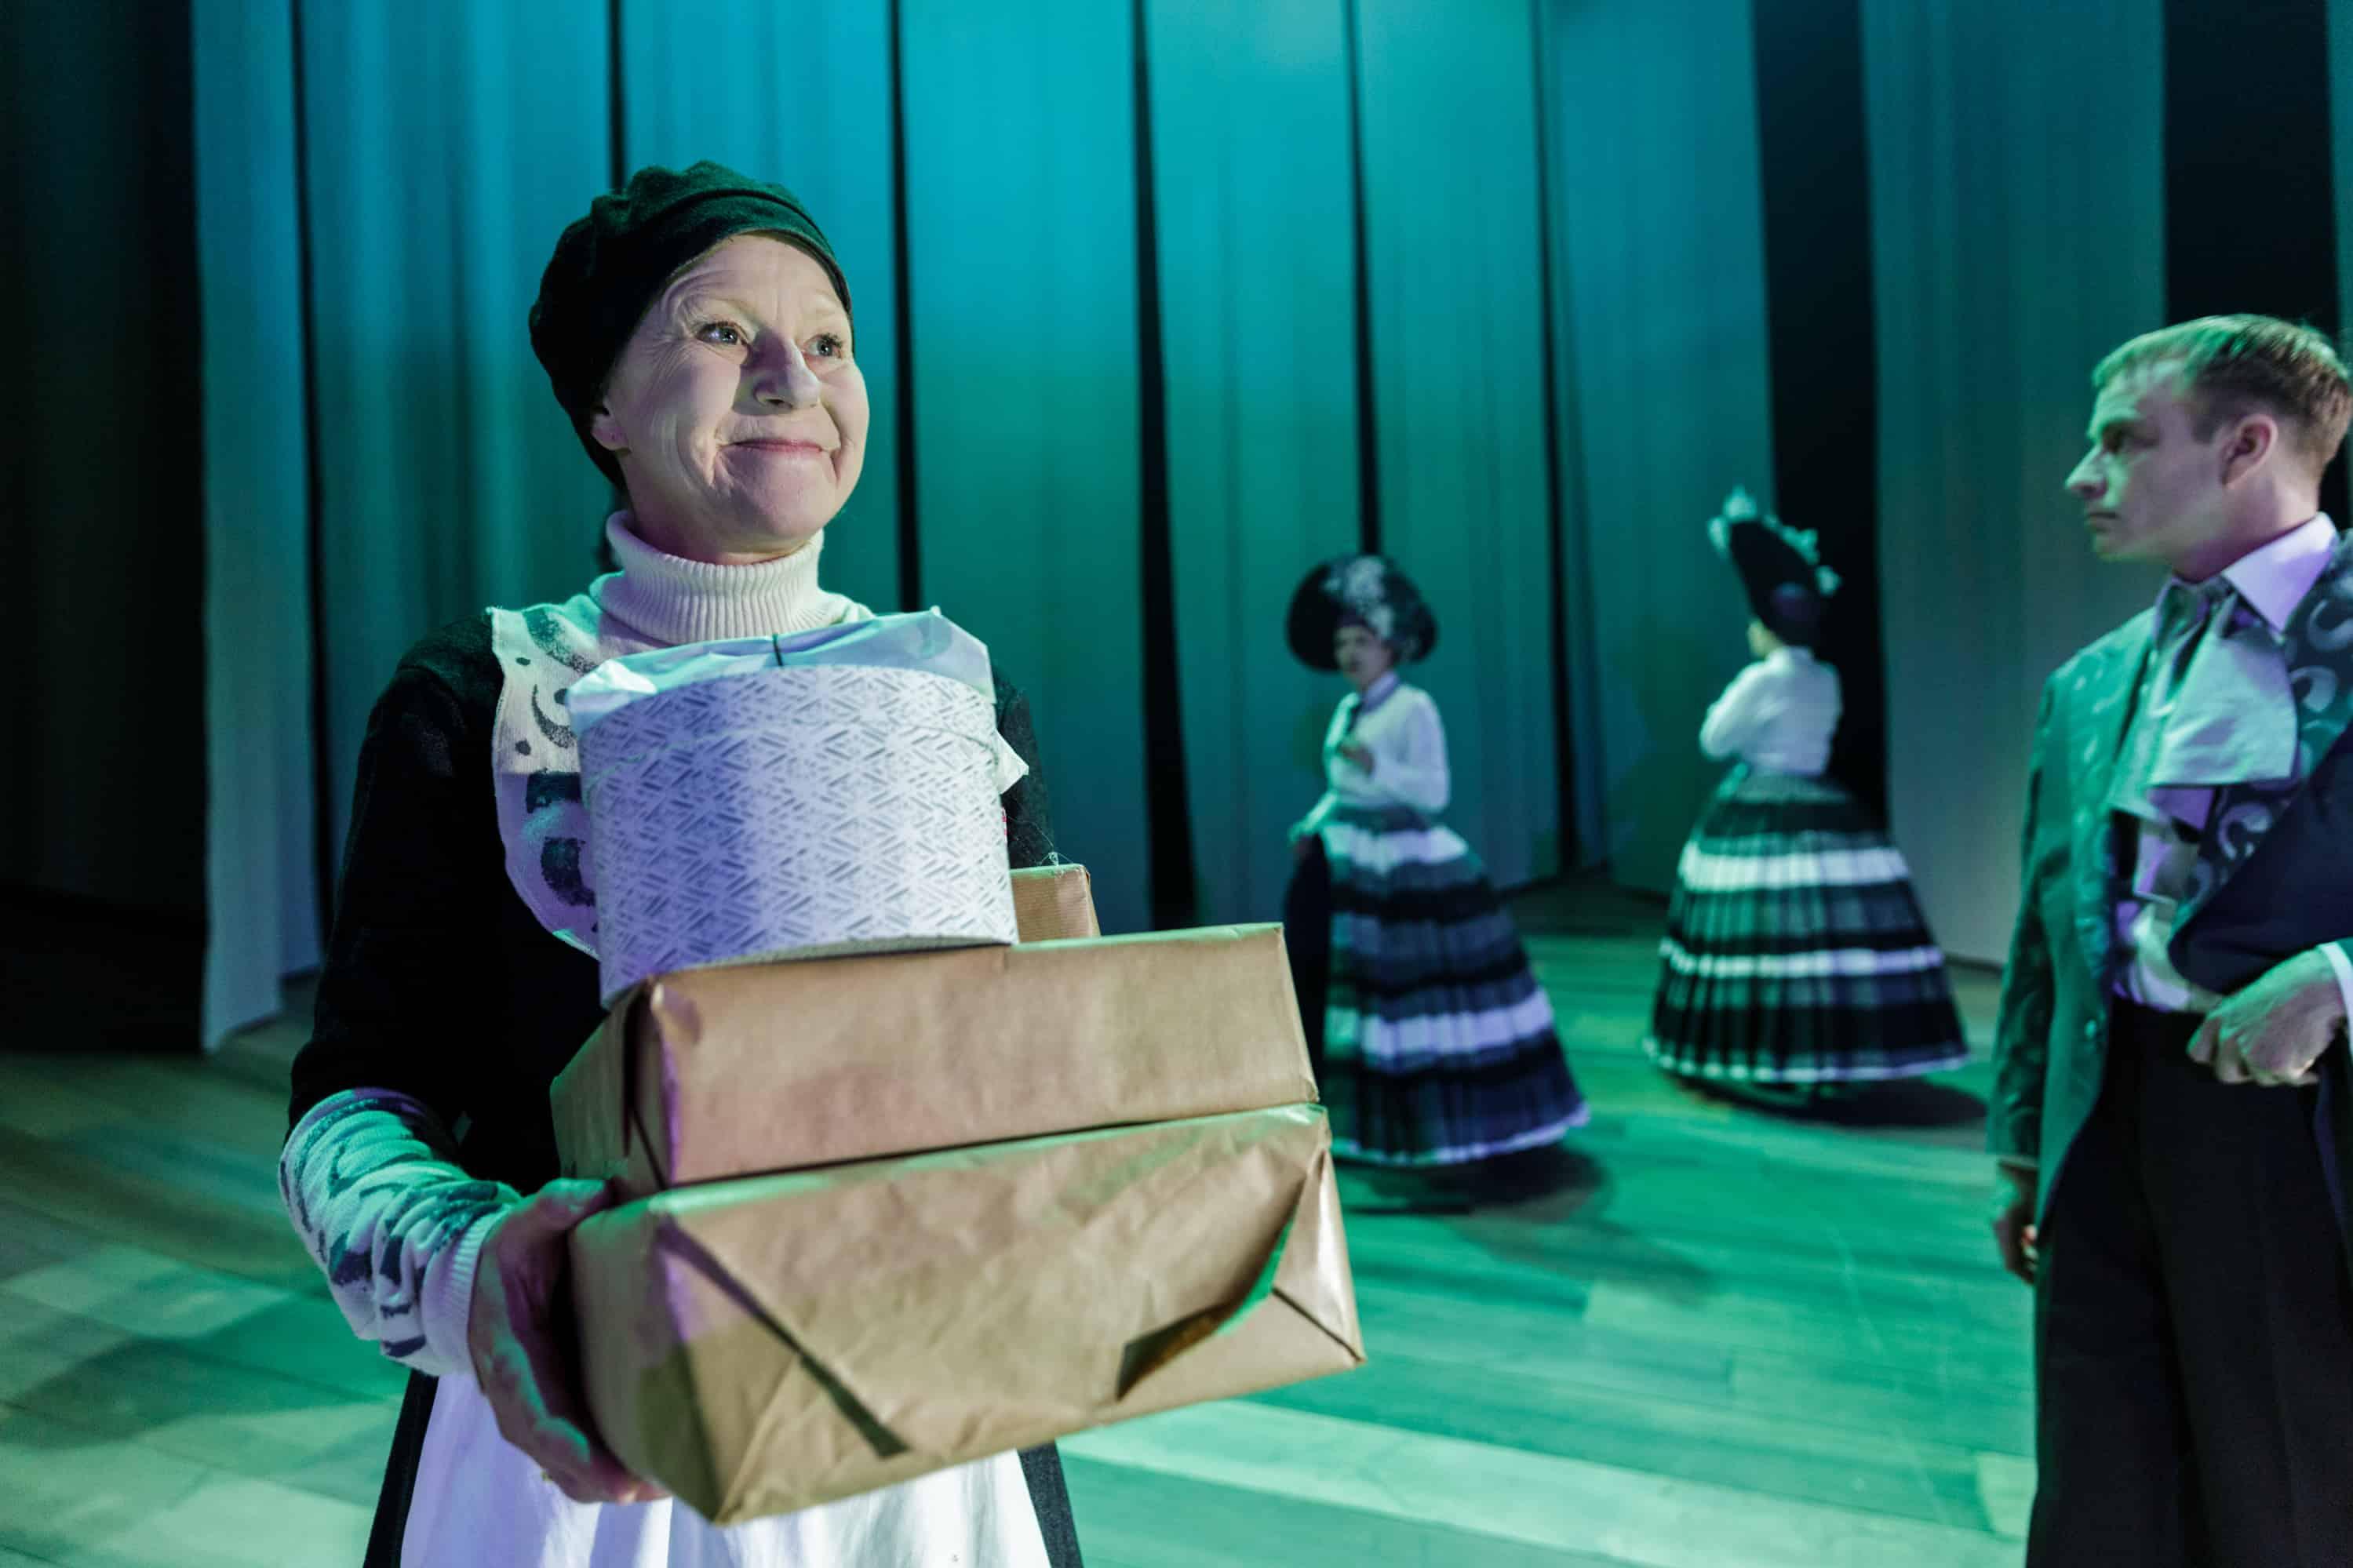 Livsens Onskab Nørrebro Teater_3